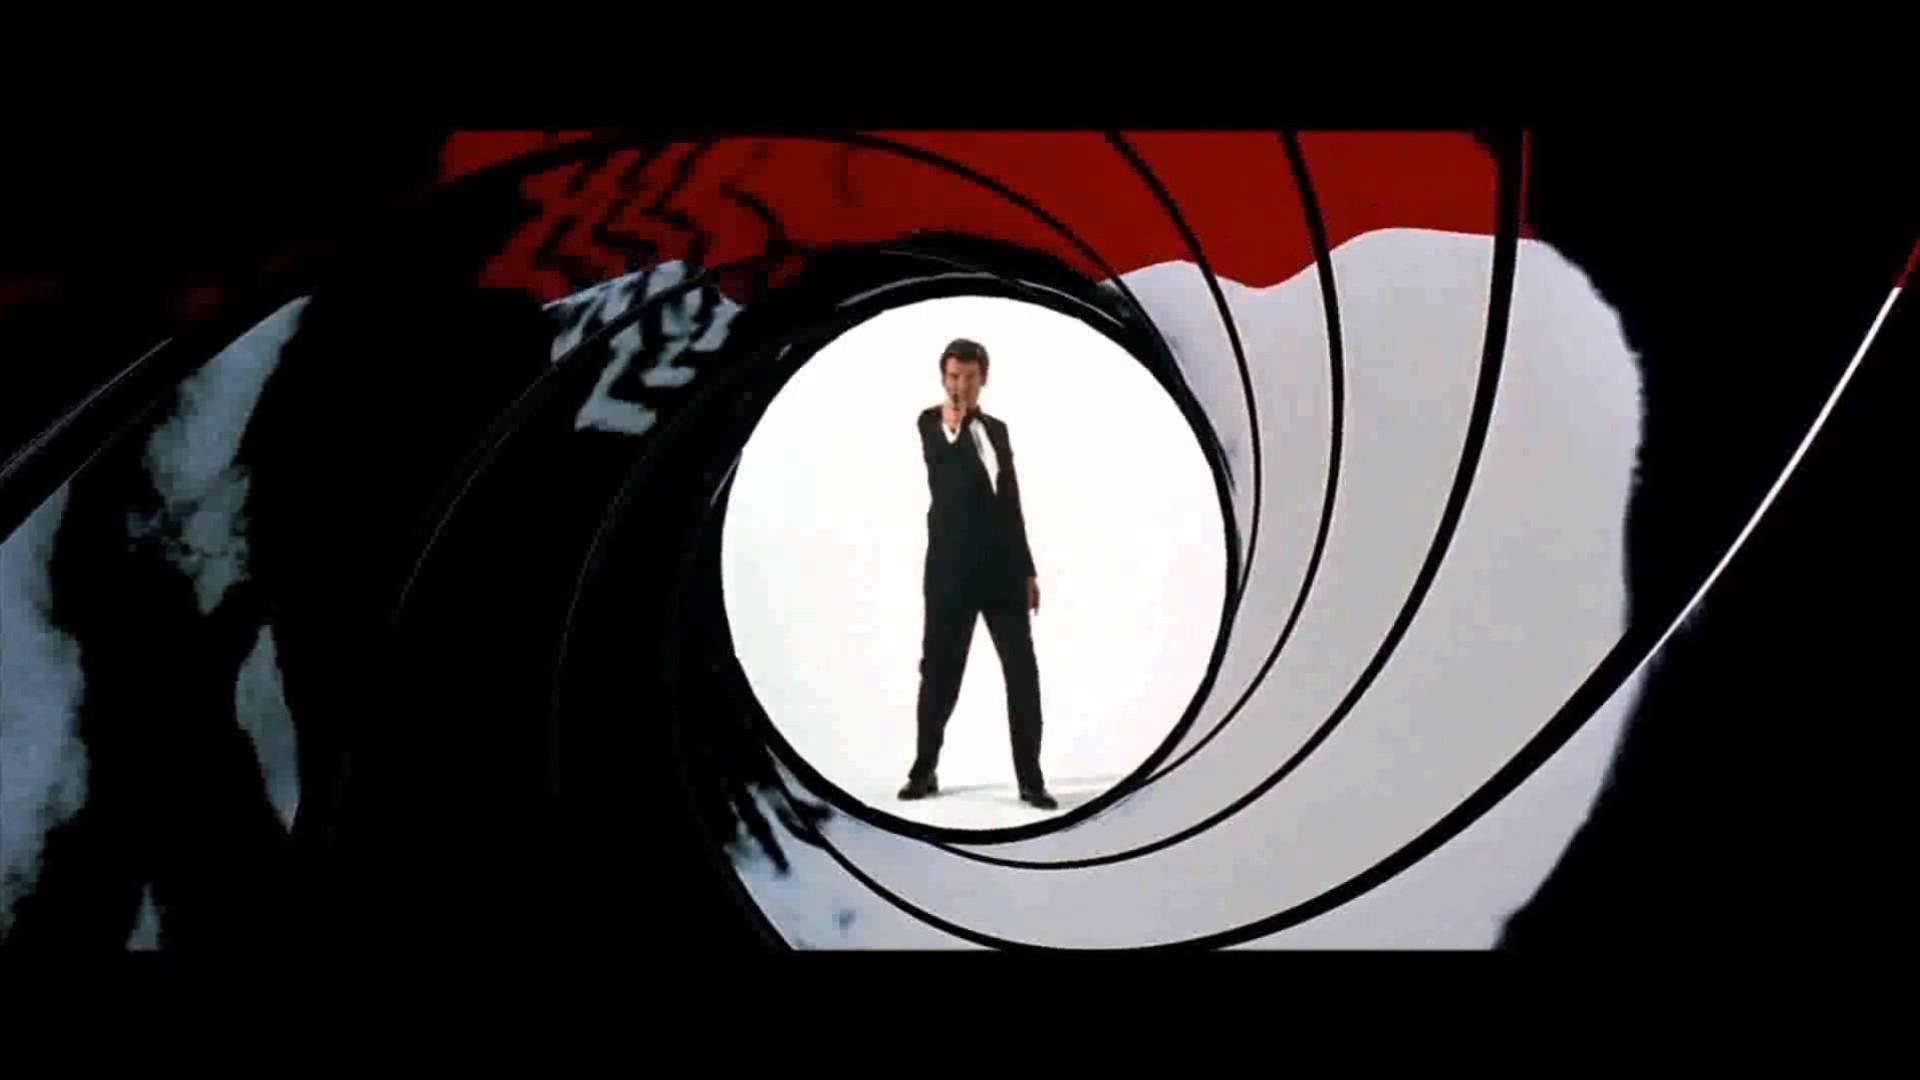 James Bond Gun Barrel Wallpaper - WallpaperSafari